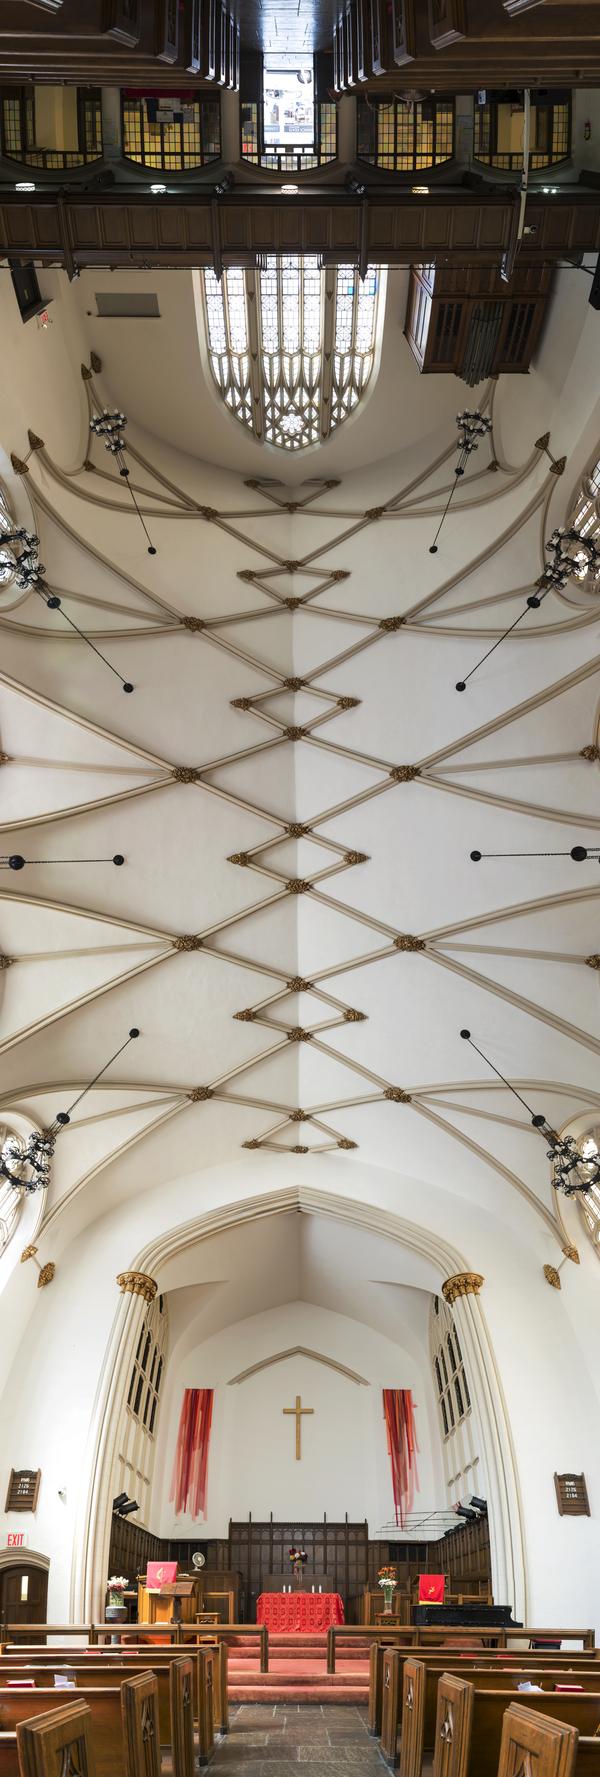 Своды храмов Нью-Йорка. Фотограф Richard Silver. 9 головокружительных панорам